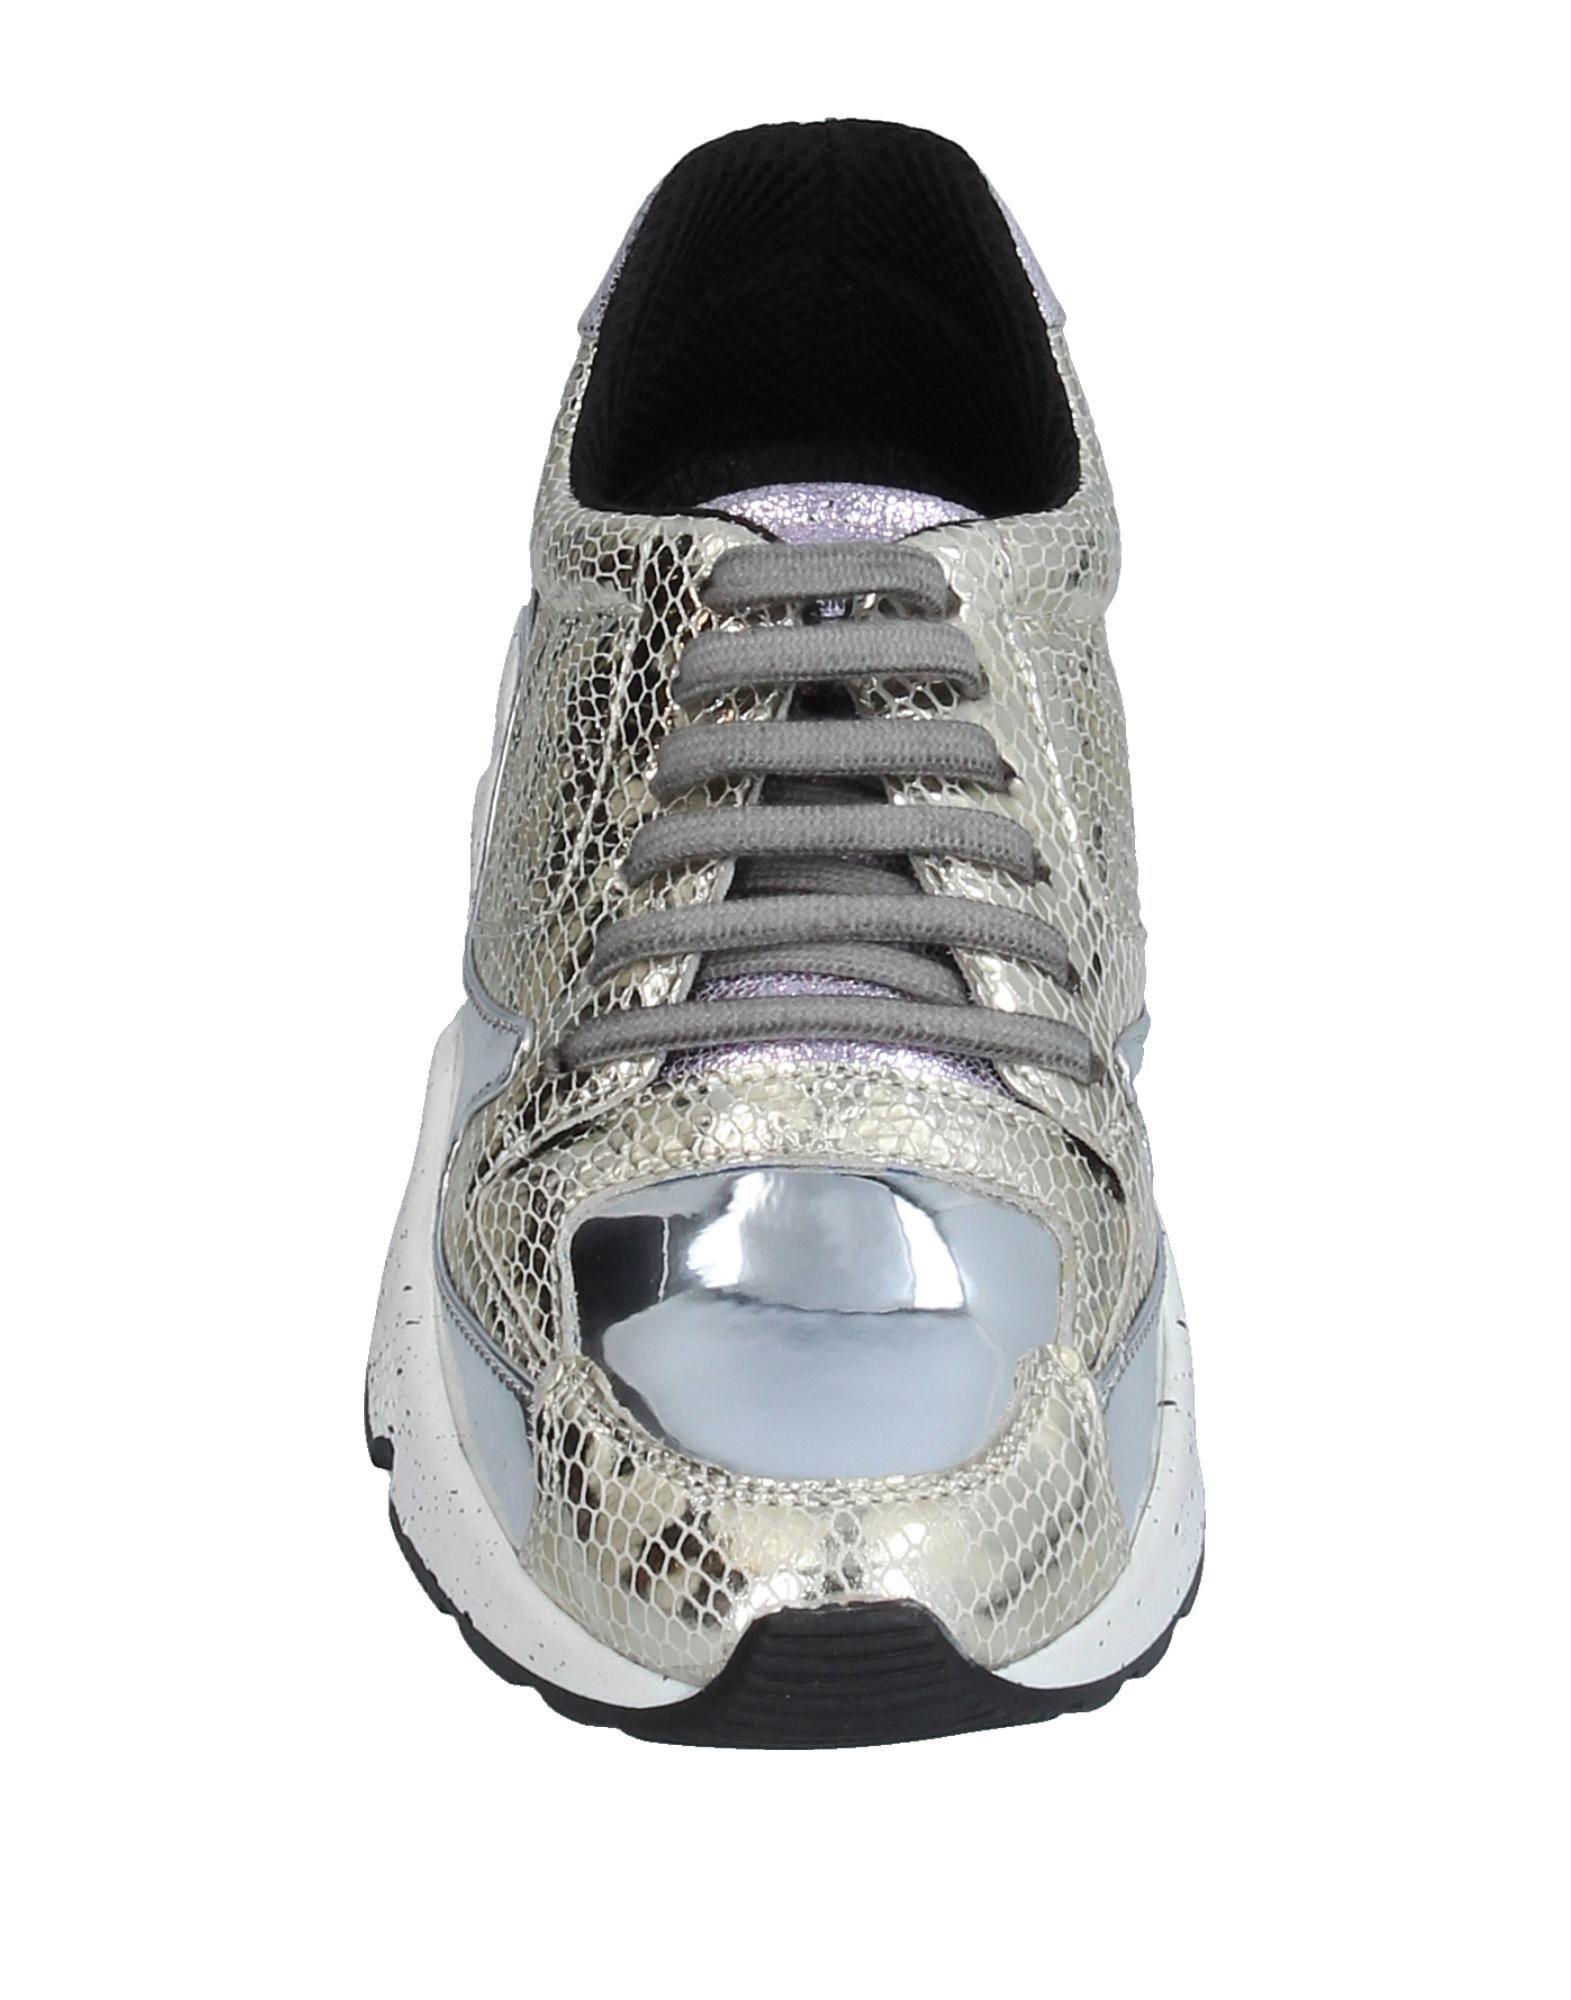 P448 Sneakers Damen Damen Sneakers  11339115KI dee217